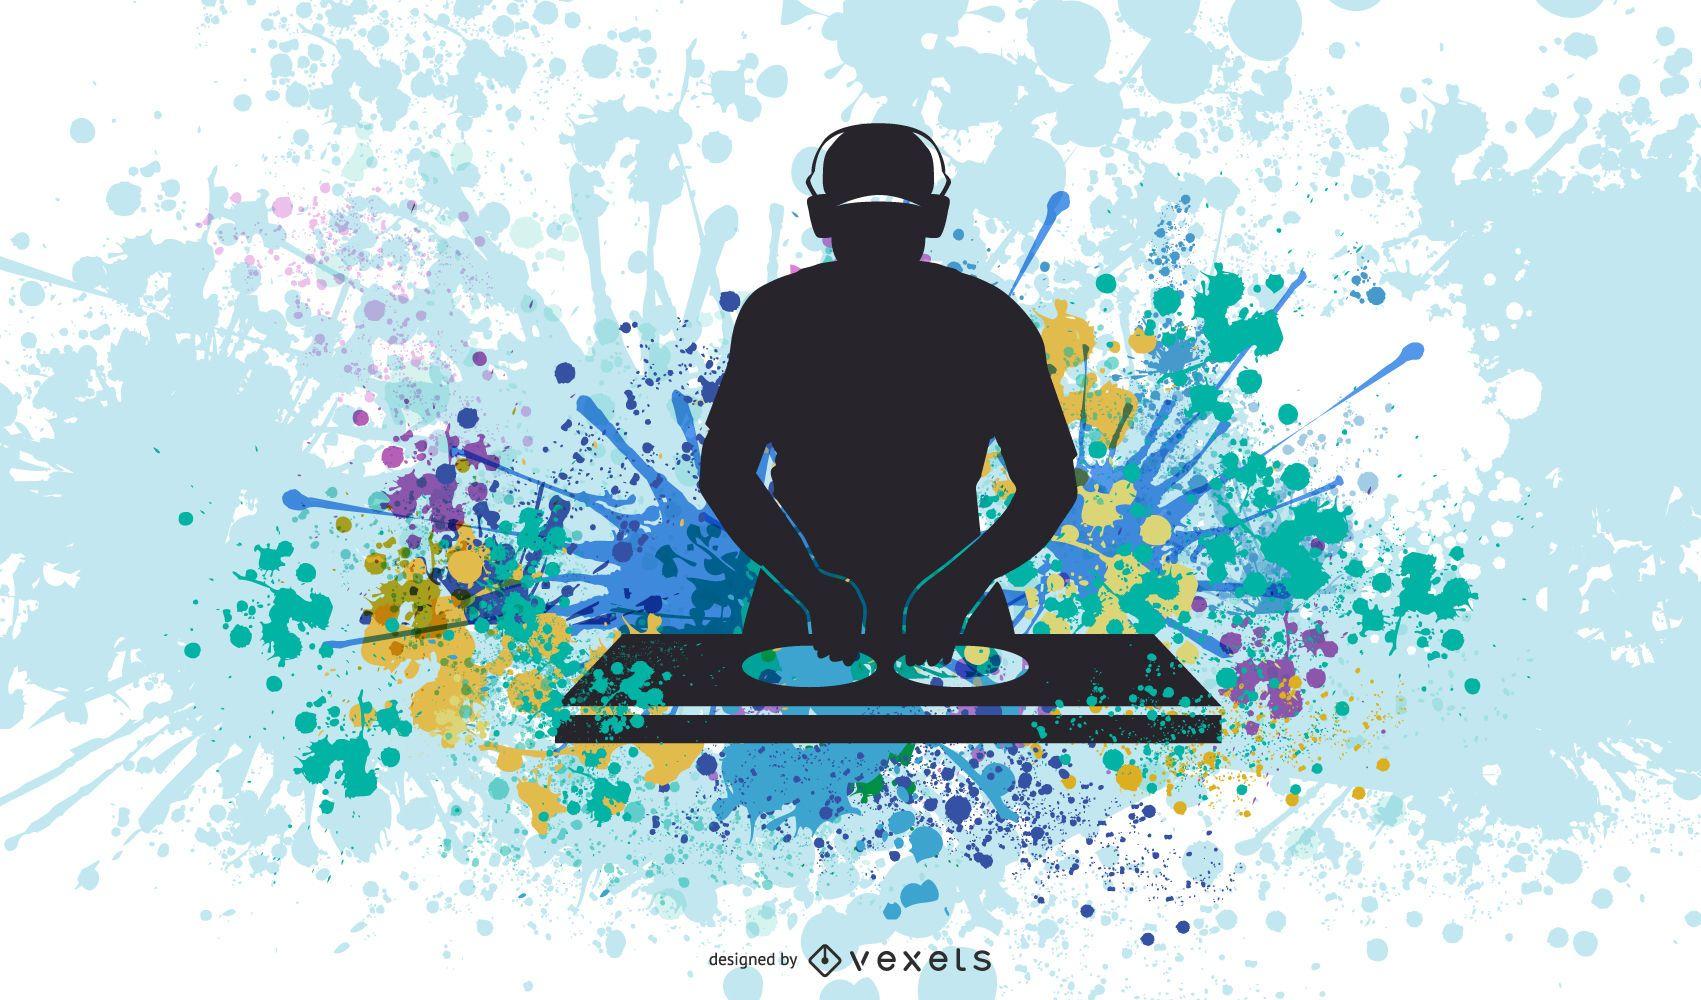 Equipo De Dj Y Vector De Música Dj